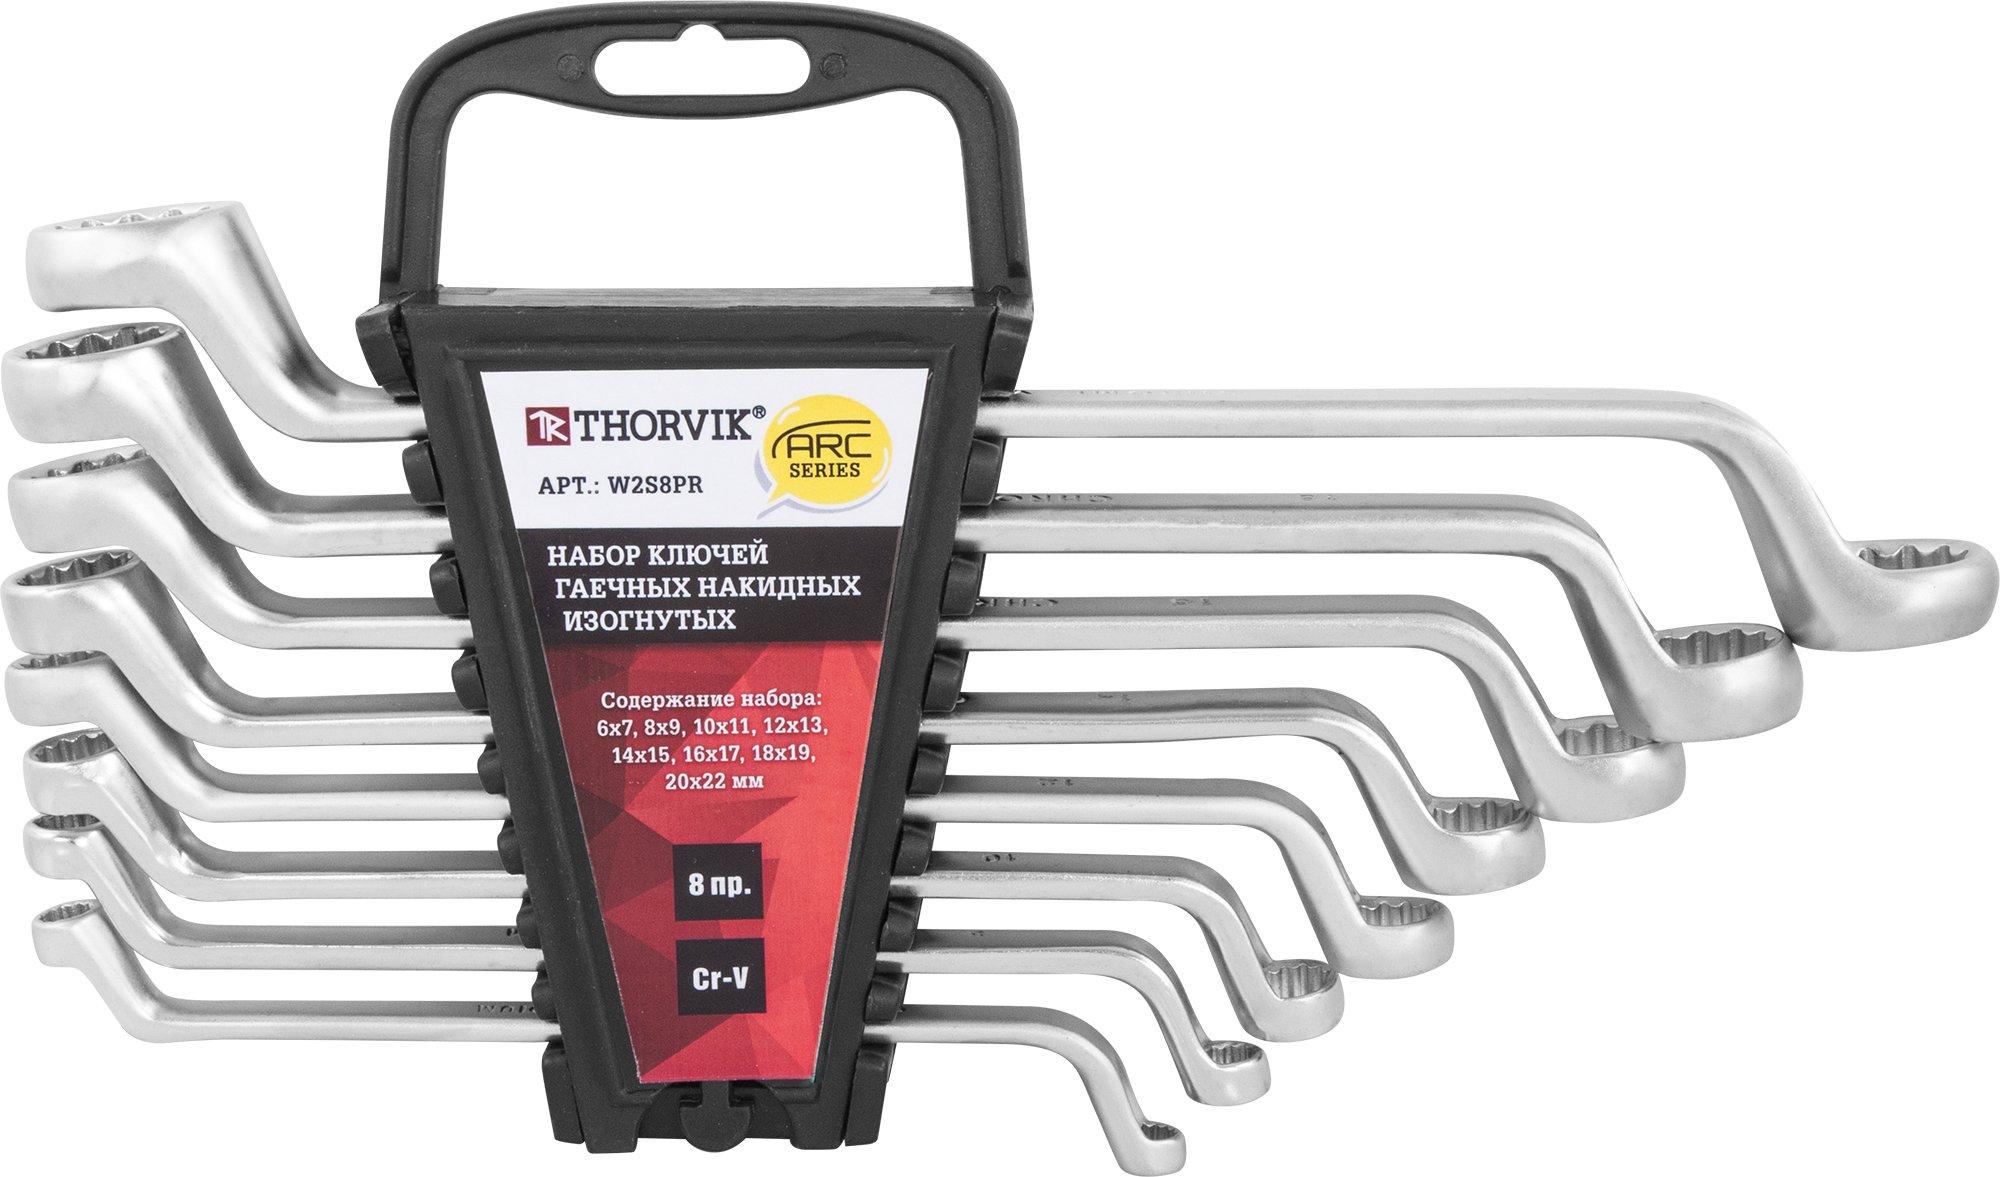 Набор ключей накидных на пластиковом держателе 6-22 мм, 8 предметов Thorvik THK-8858